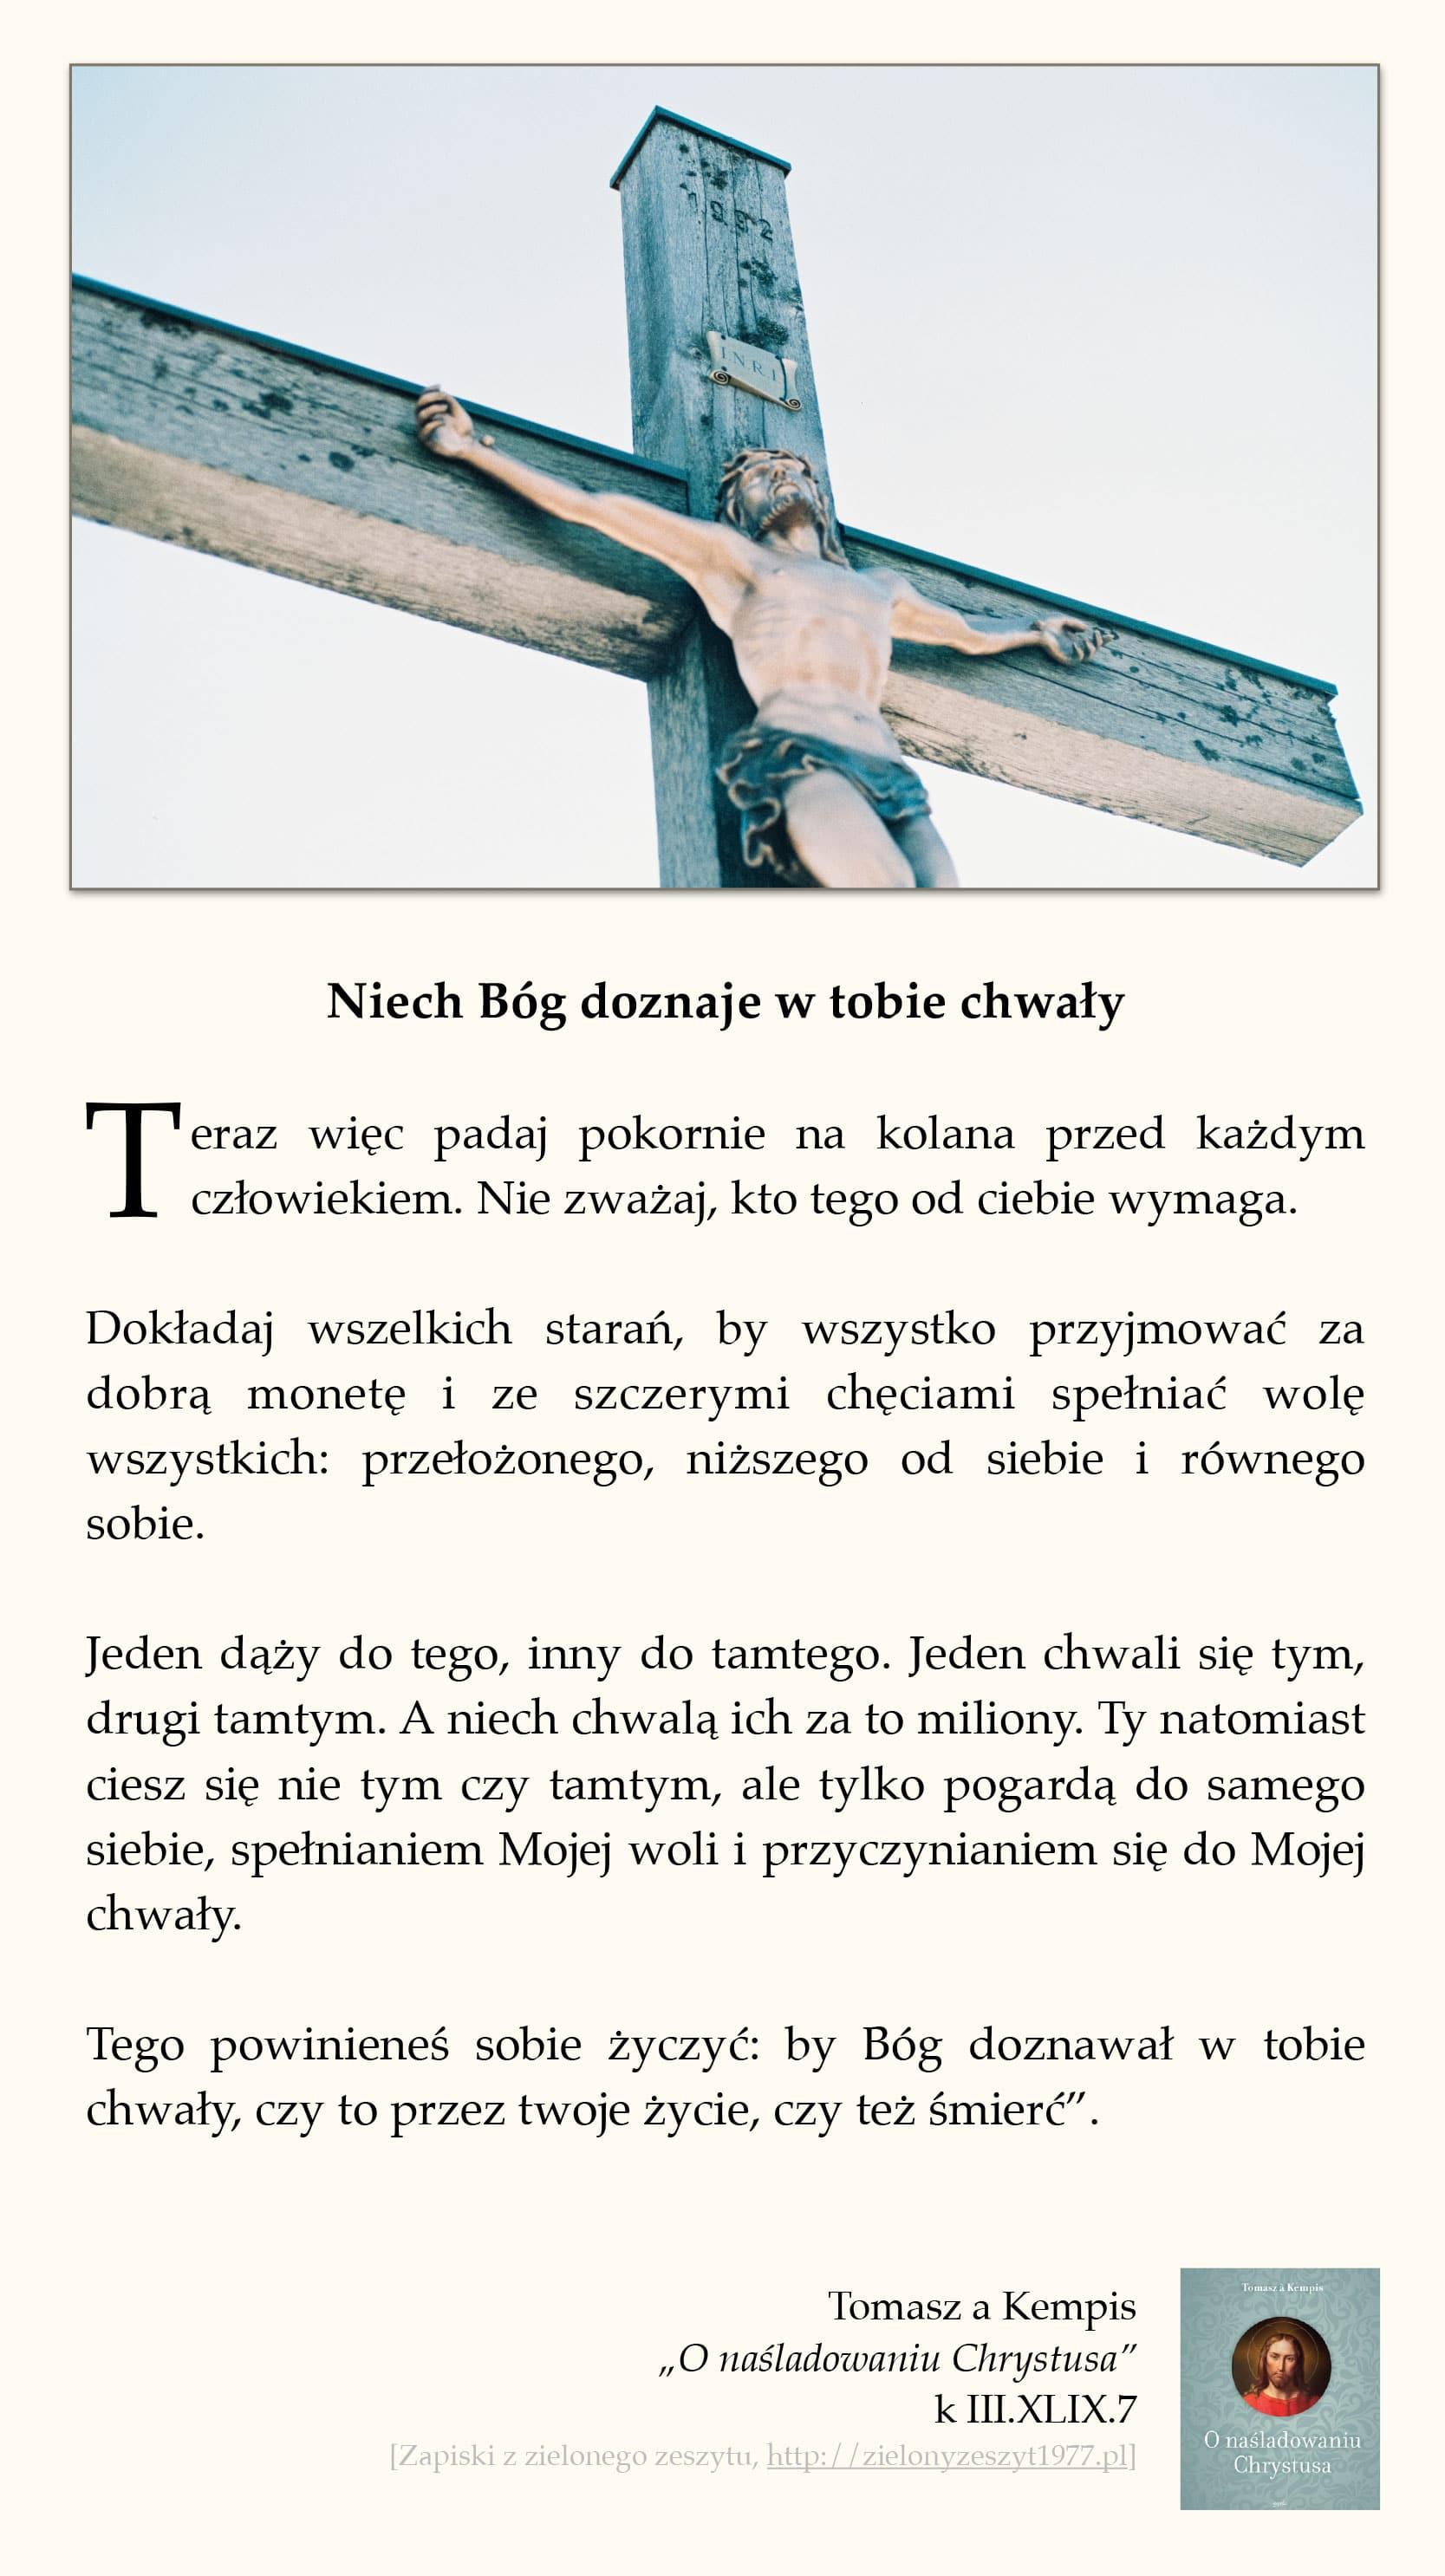 """Tomasz a Kempis, """"O naśladowaniu Chrystusa"""", k III.XLIX.7 (Niech Bóg doznaje w tobie chwały)"""